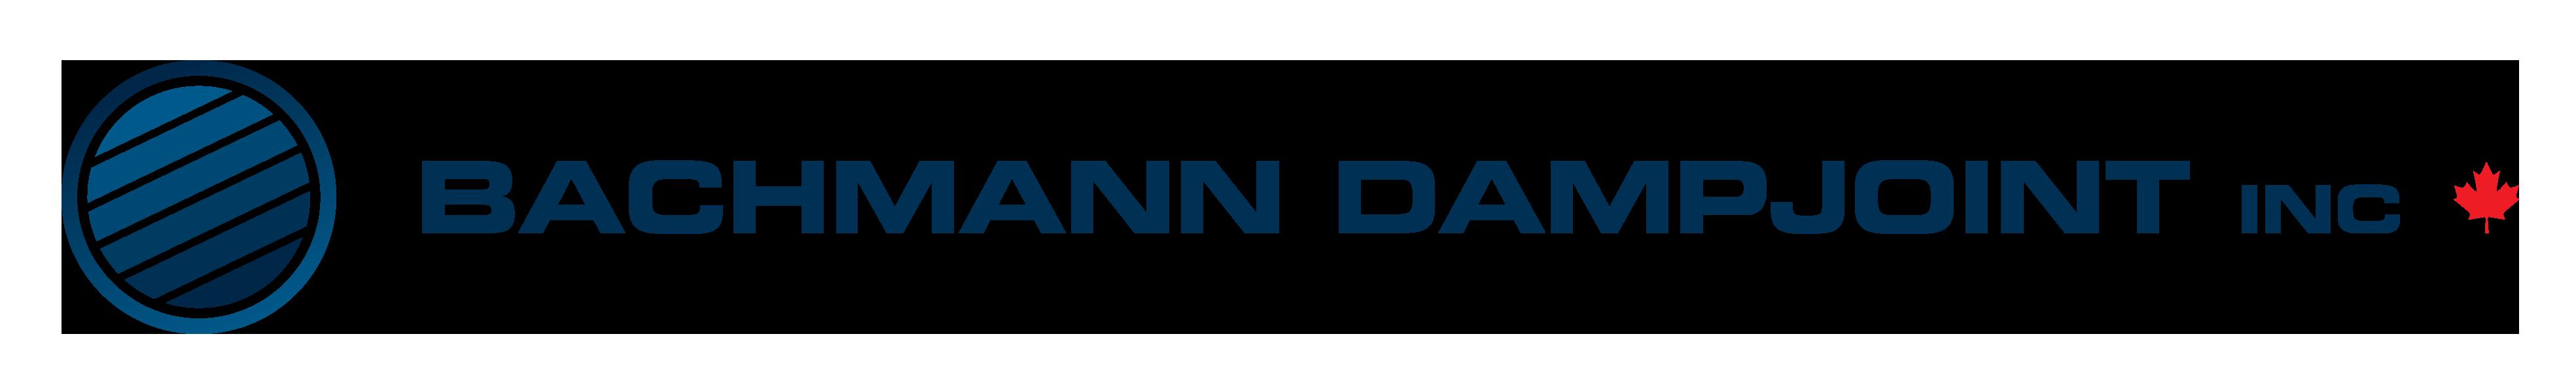 logo-bachmann